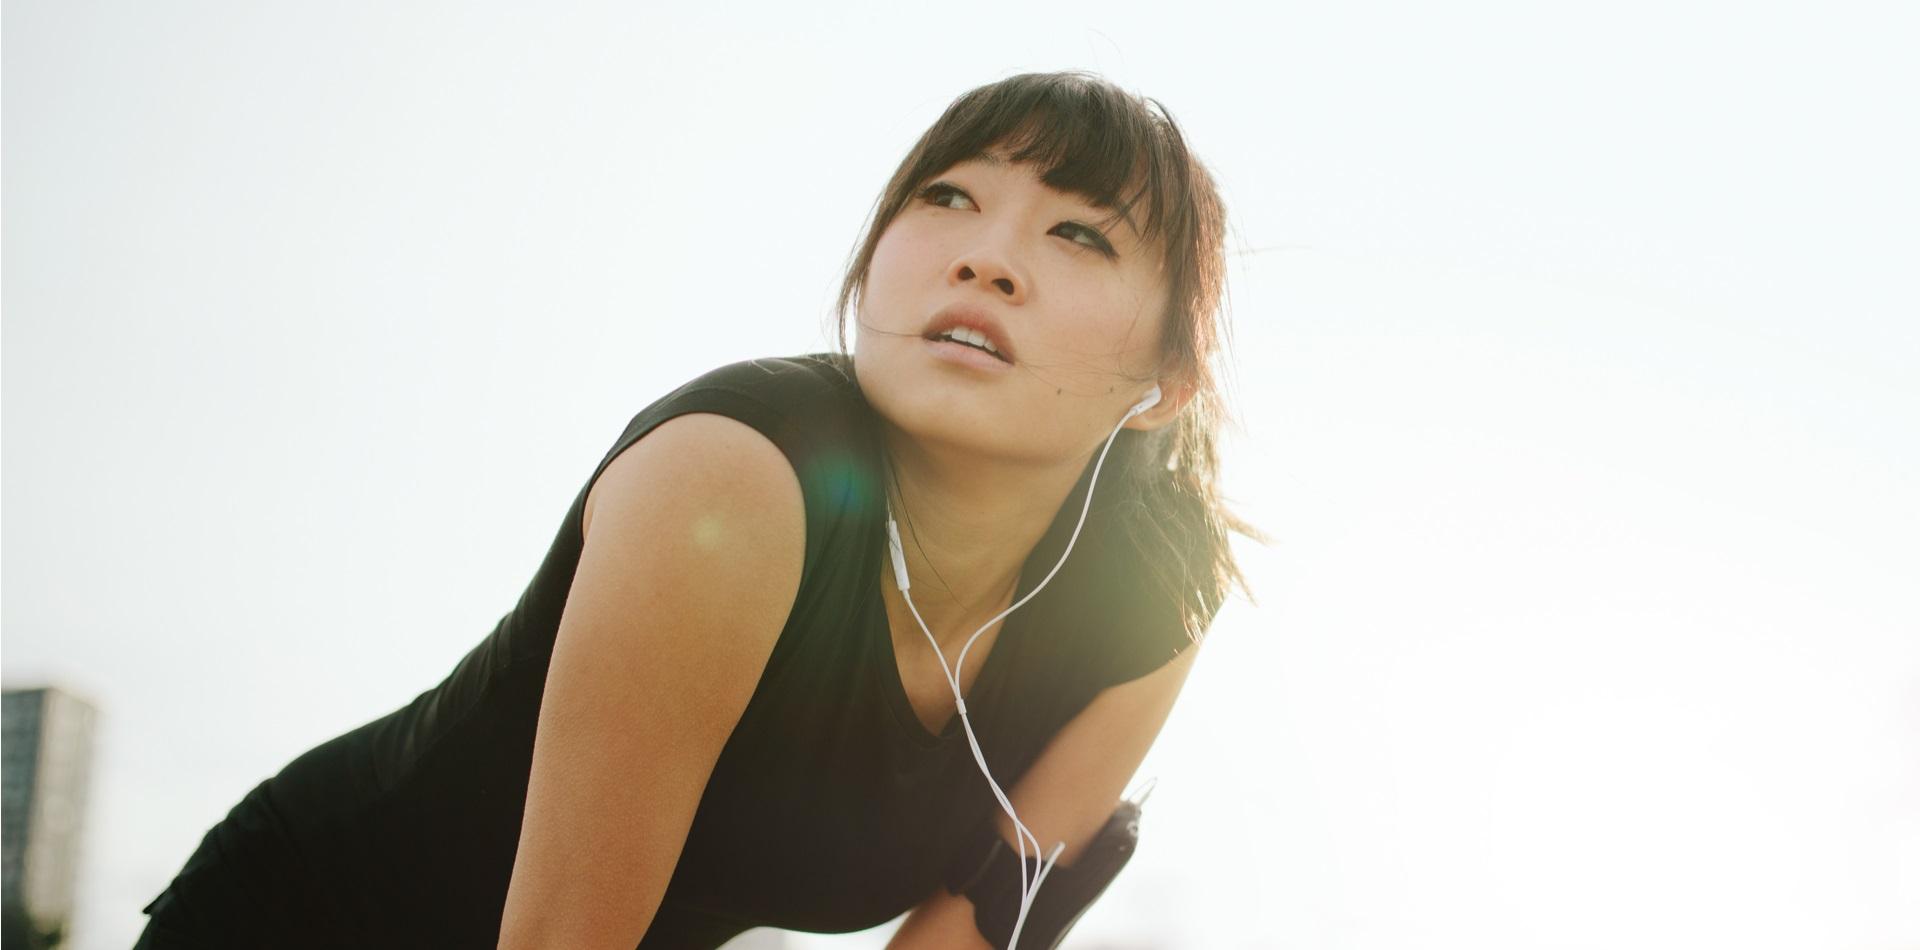 已經努力運動了,為什麼體脂肪還是居高不下?